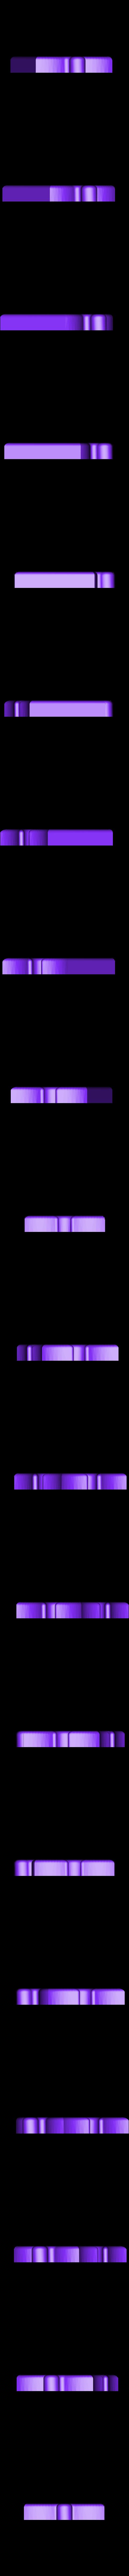 Cell_Puzzle_Left.STL Télécharger fichier STL gratuit Échecs démoctratiques • Modèle à imprimer en 3D, Ghashnarb